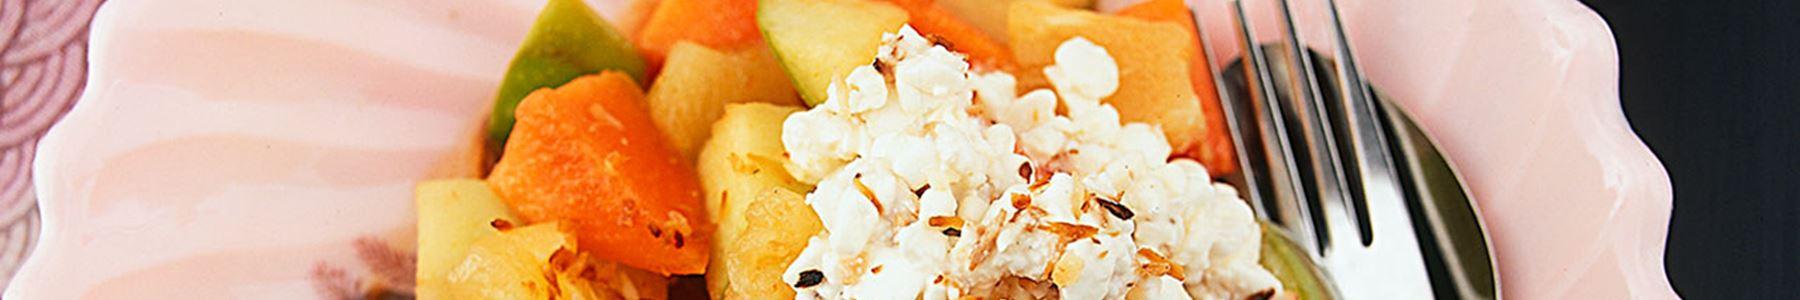 Kalorisnål + Smör och rapsolja + Dessert